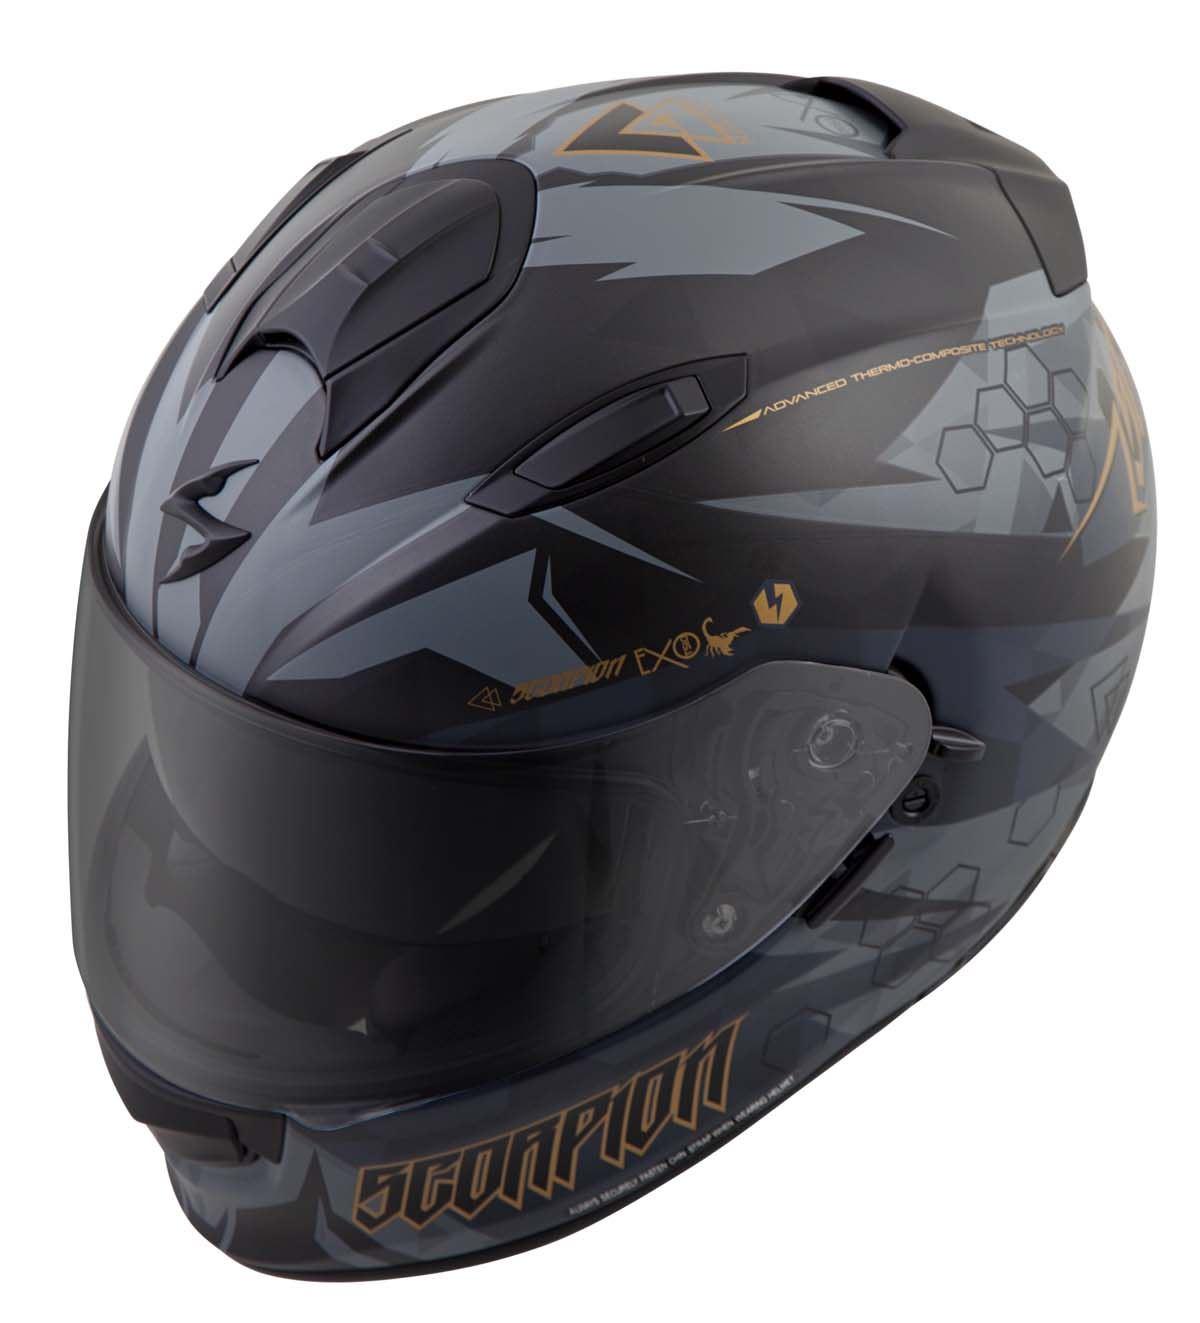 Scorpion-EXO-T510-Helmet-Full-Face-DOT-Approved-Inner-Sun-Shield miniature 45